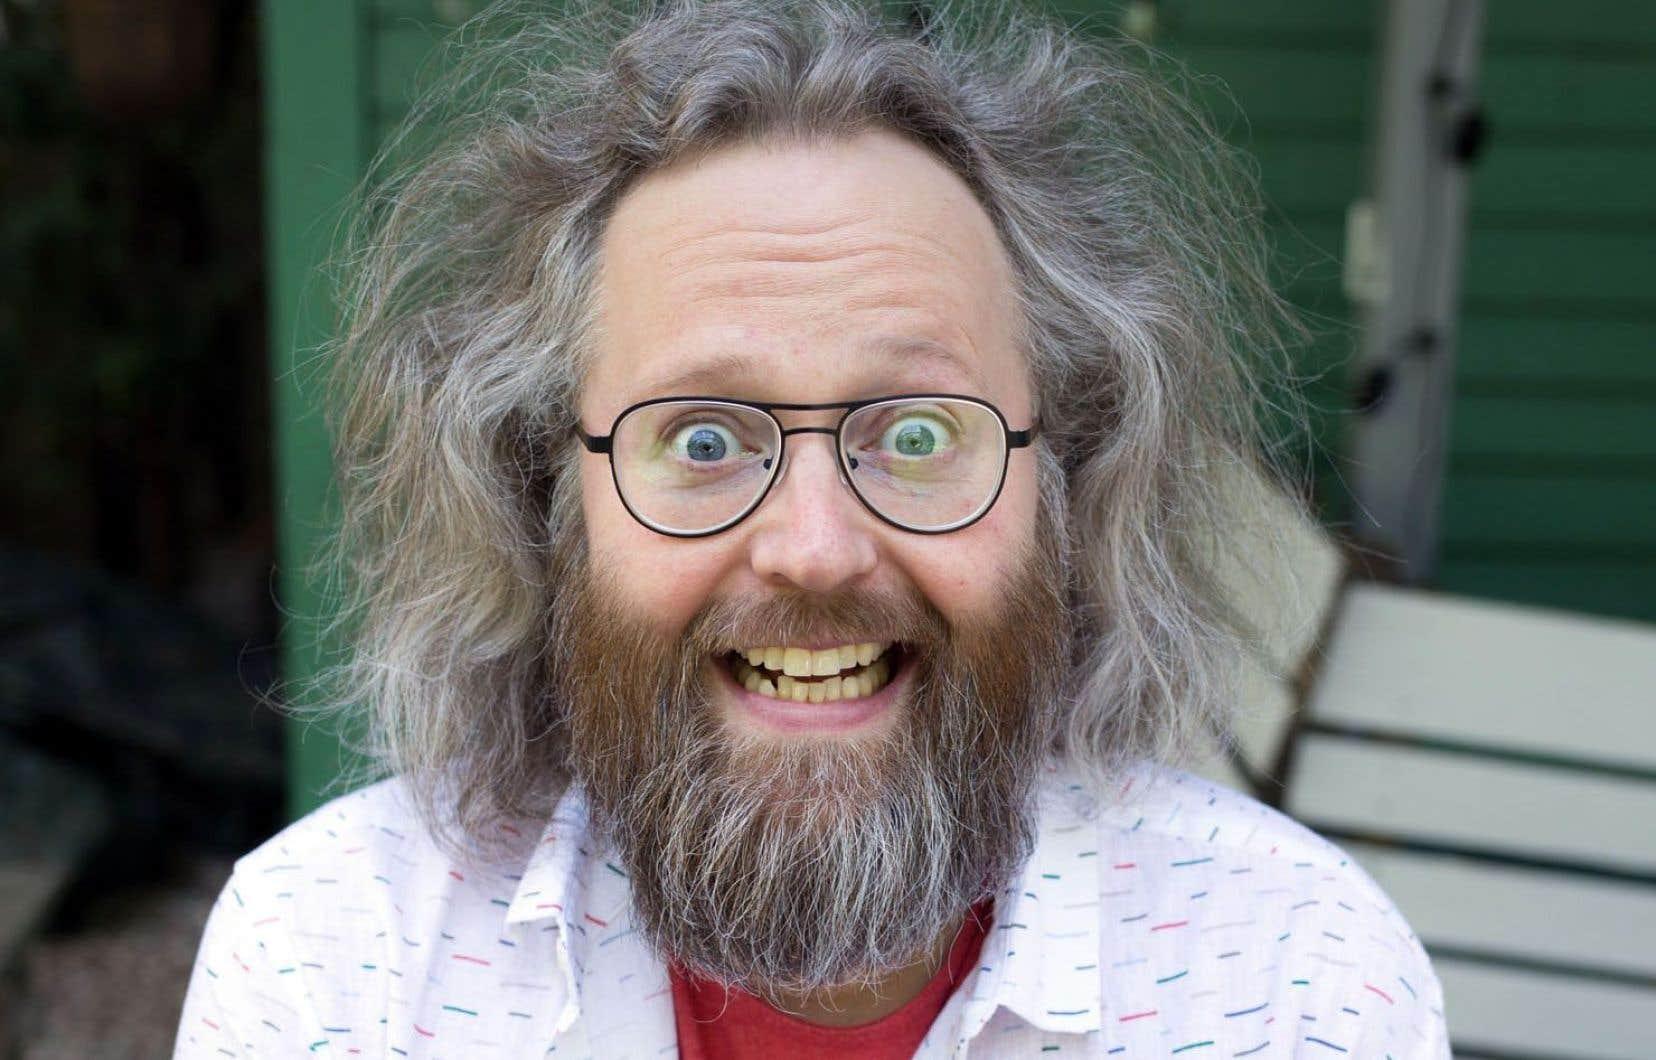 Est-ce qu'il y avait autant de rodage dans les années 1990? Non. Est-ce que les shows étaient aussi drôles? Non plus», souligne l'humoriste québécois François Bellefeuille.